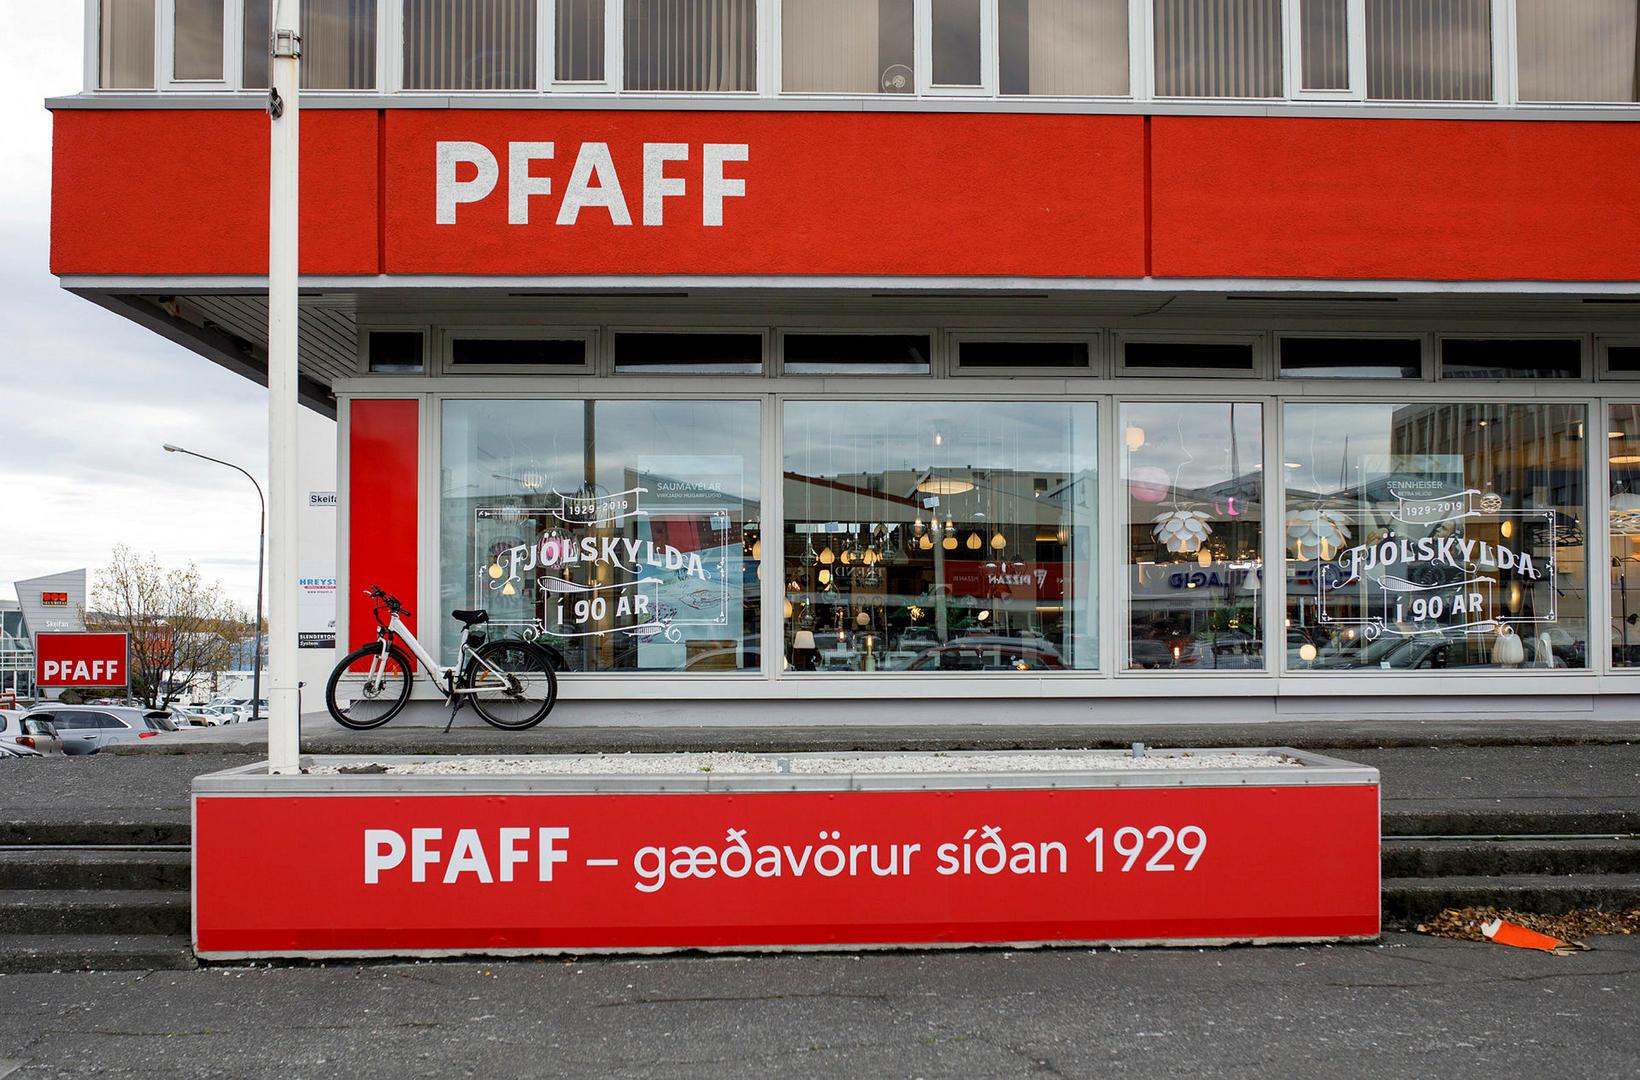 PFAFF er eitt af sterkustu kennileitum Grensásvegar.